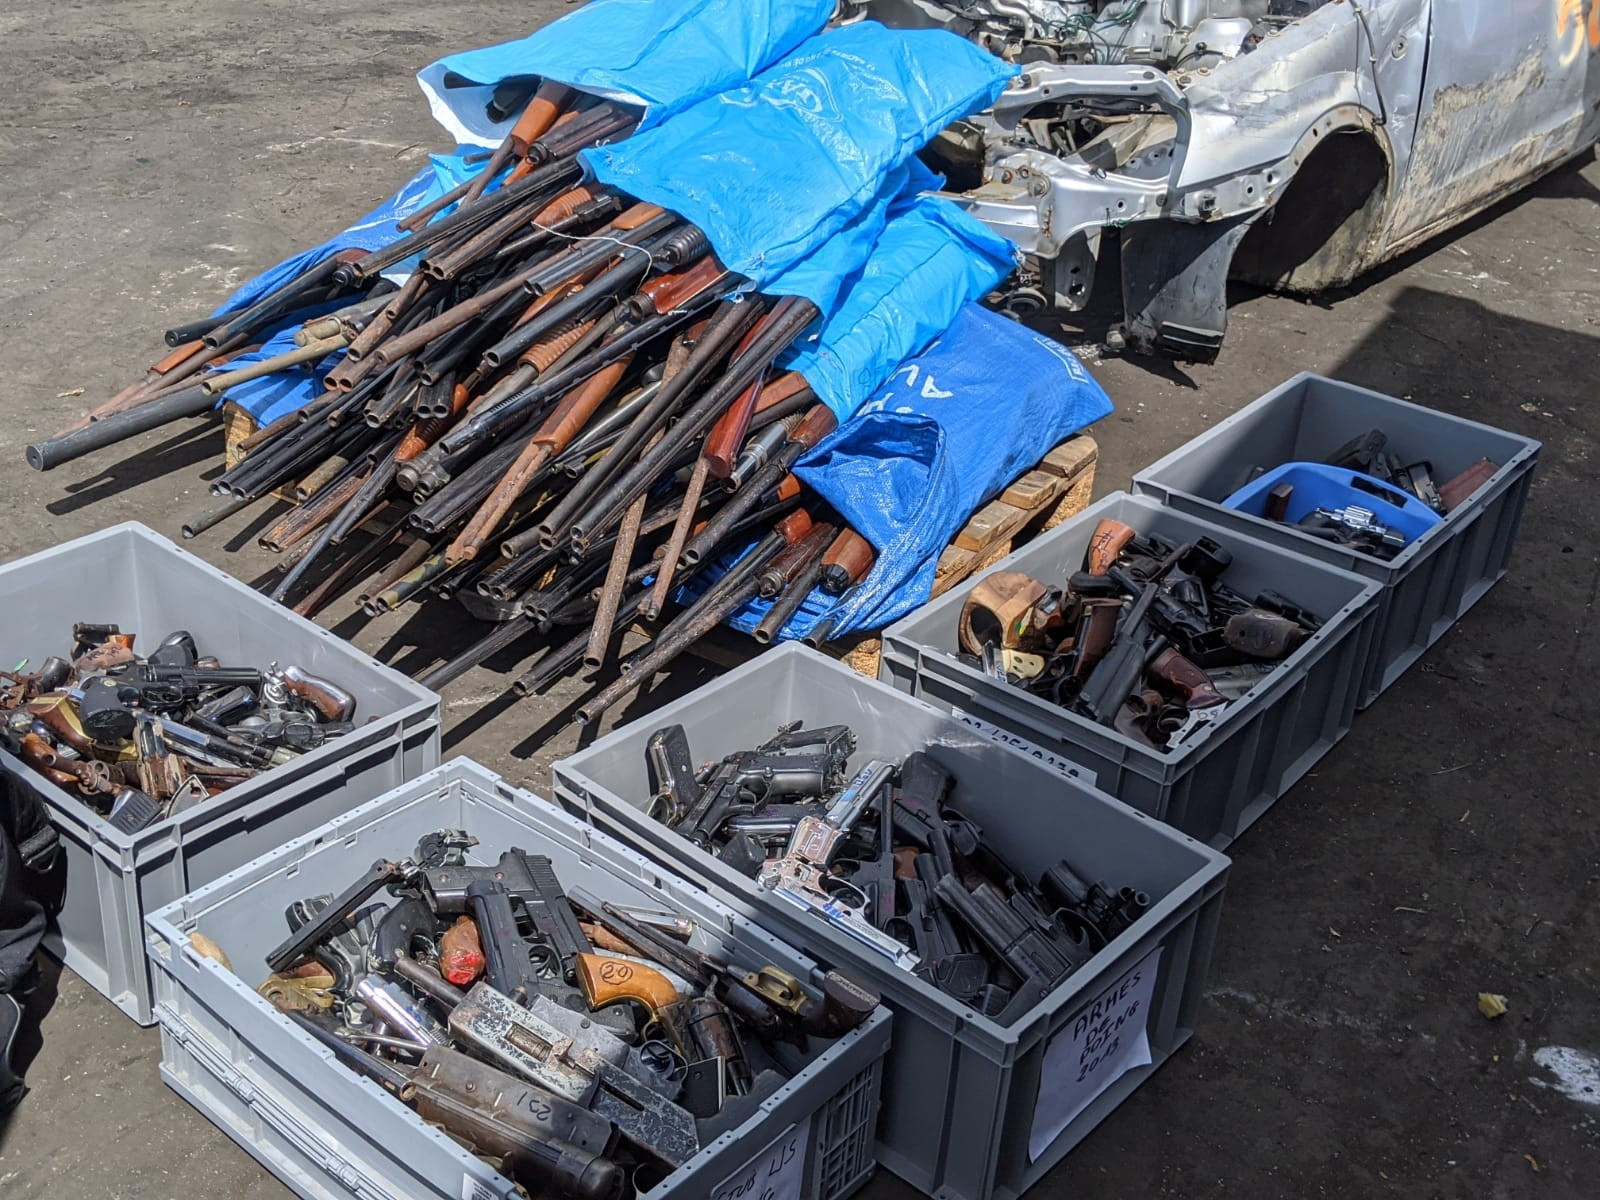 Déposez les armes : plus de 1 000 armes détruites